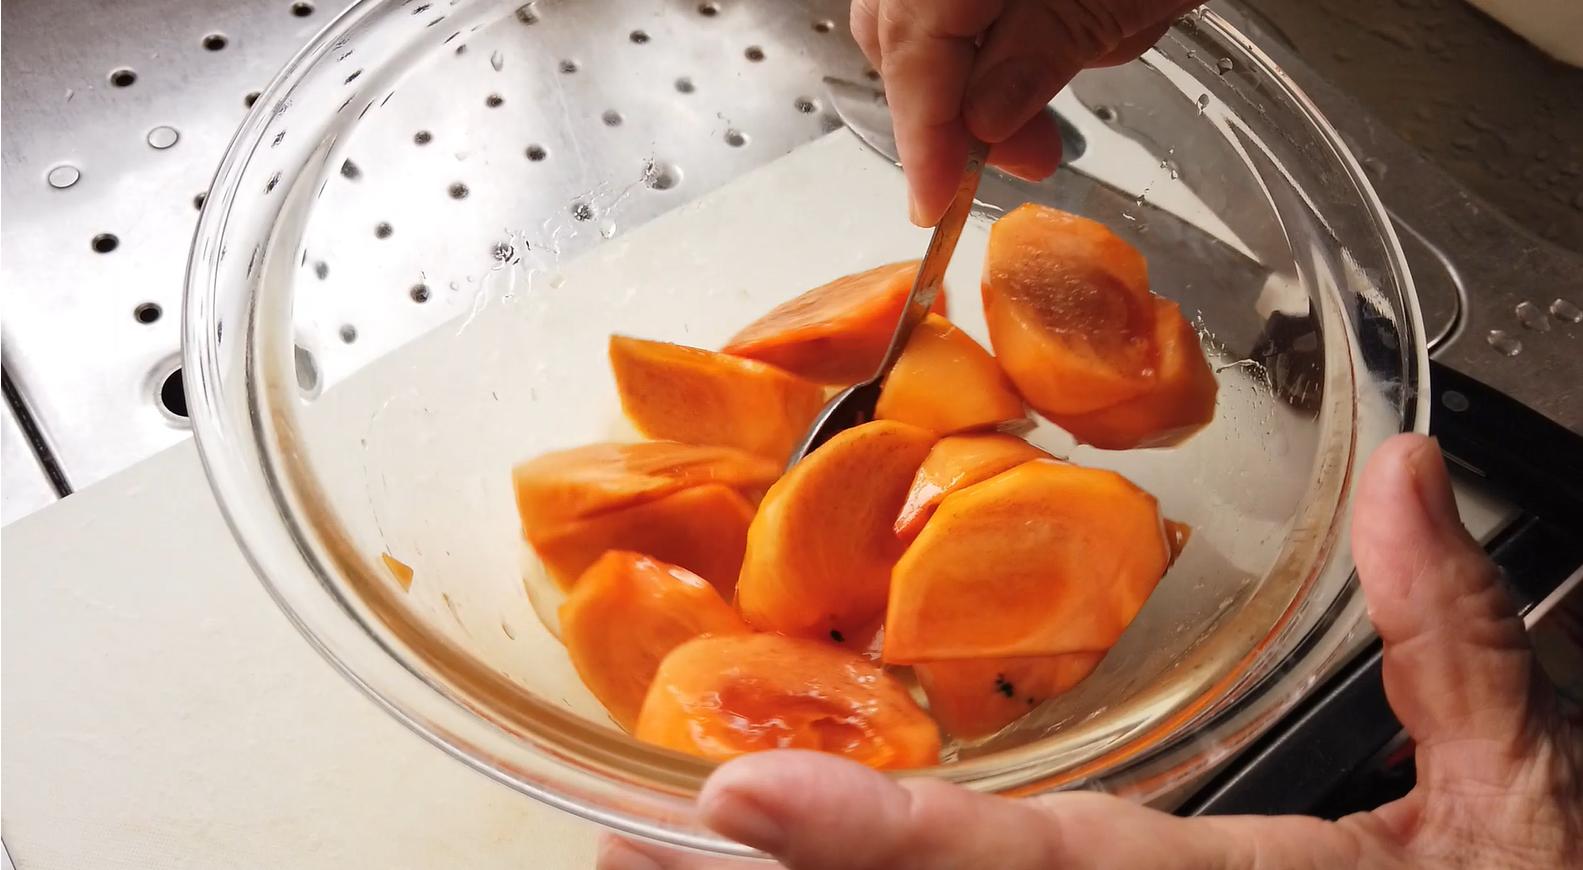 【柿とリンゴのマリネレシピ】3.ボウルにくし切りした柿、レモン汁、ハチミツを加えて和えたら、1時間ほど置きます。